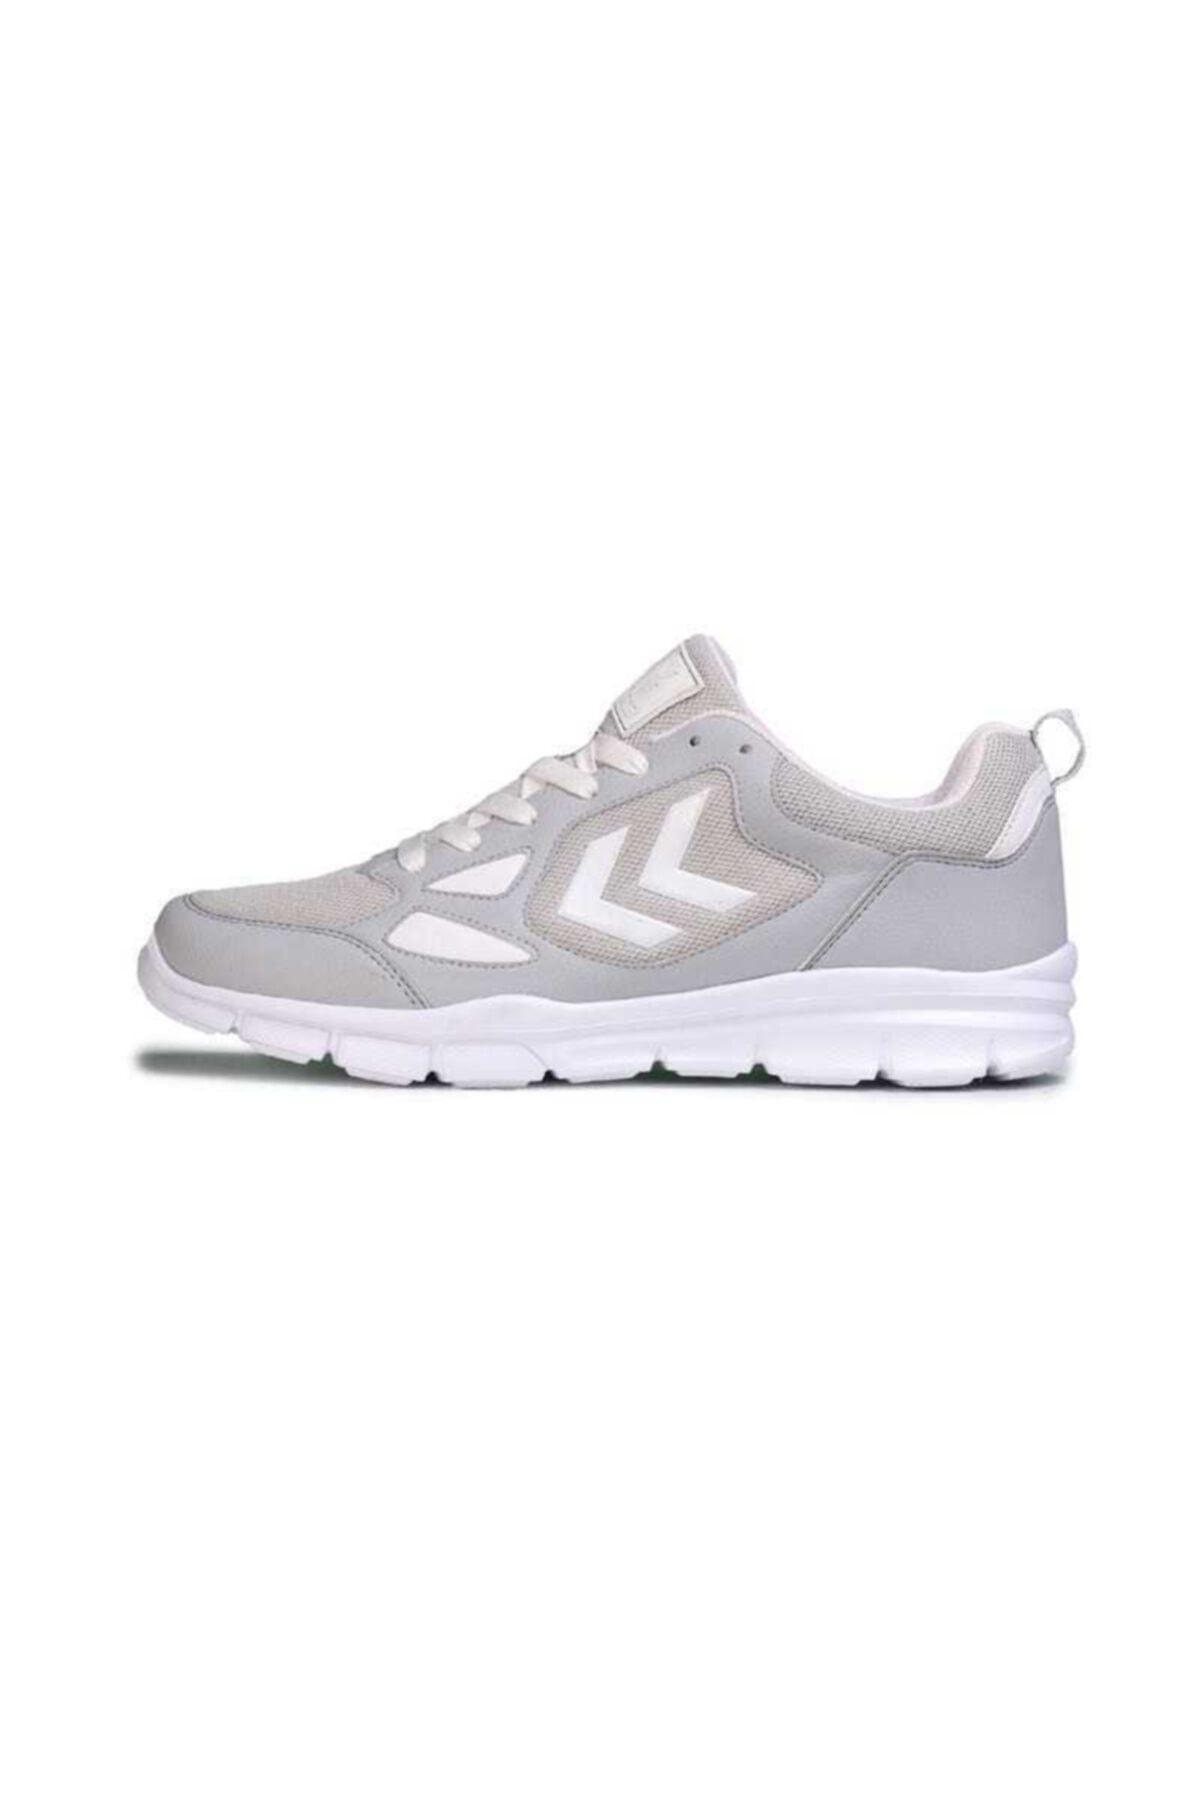 HUMMEL Hmlcrosslıte Iı Sneaker 2